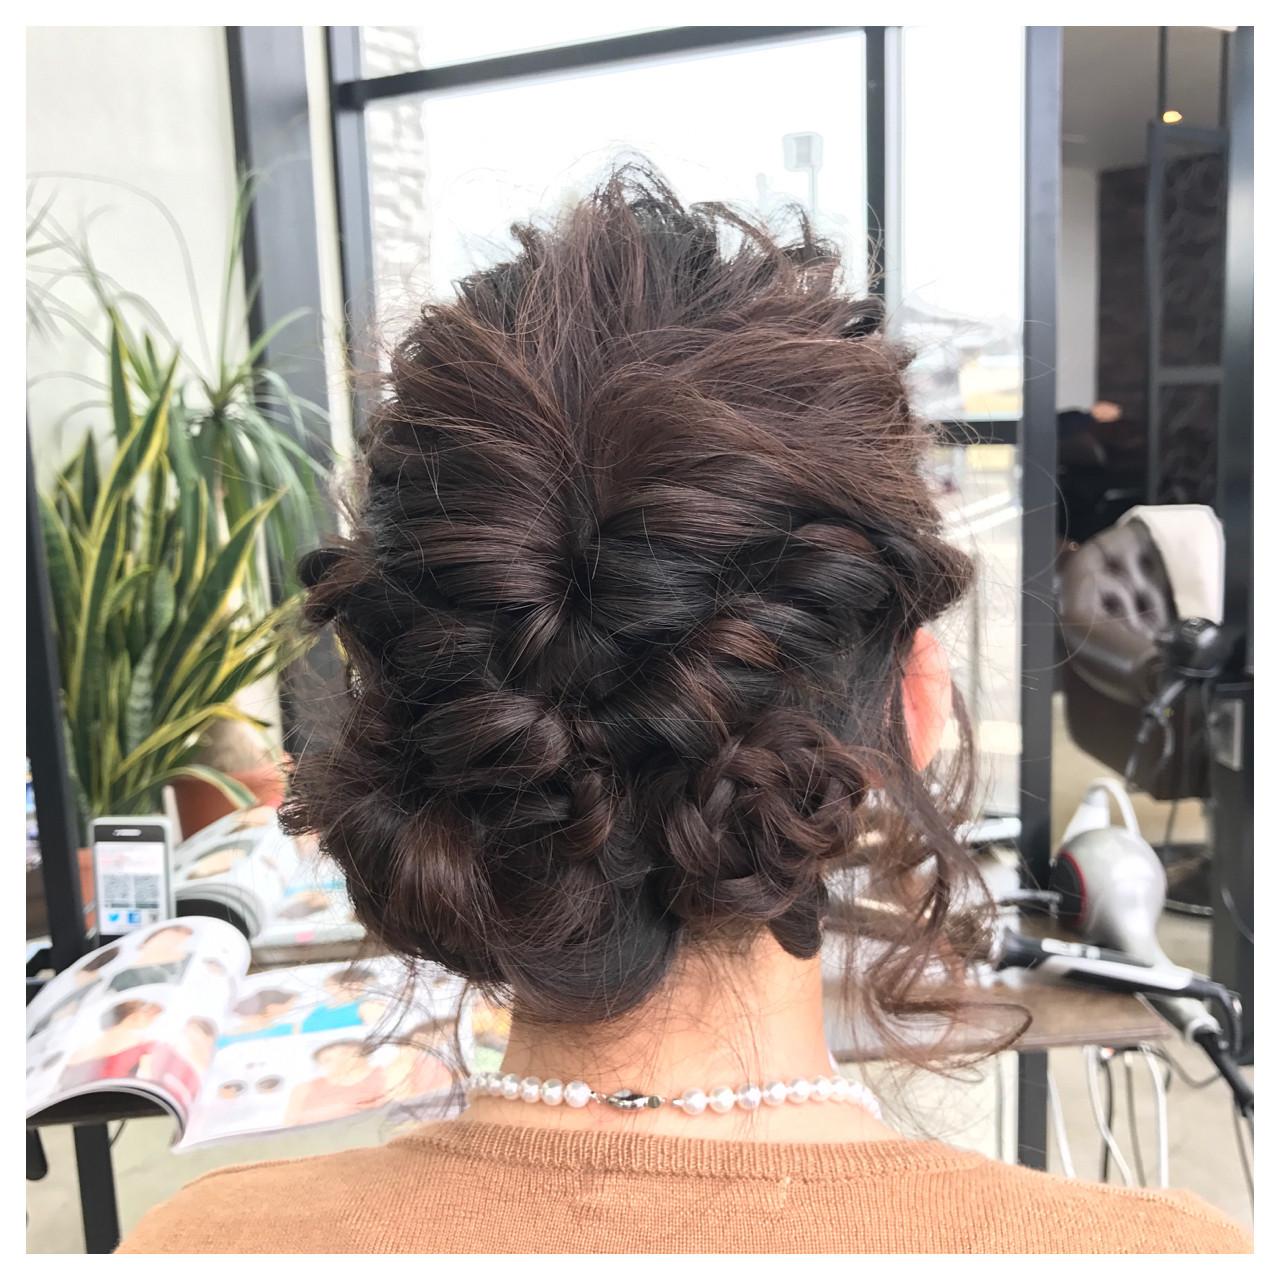 結婚式・お呼ばれに。おすすめアップのヘアスタイルとセルフアレンジ法 白井香織